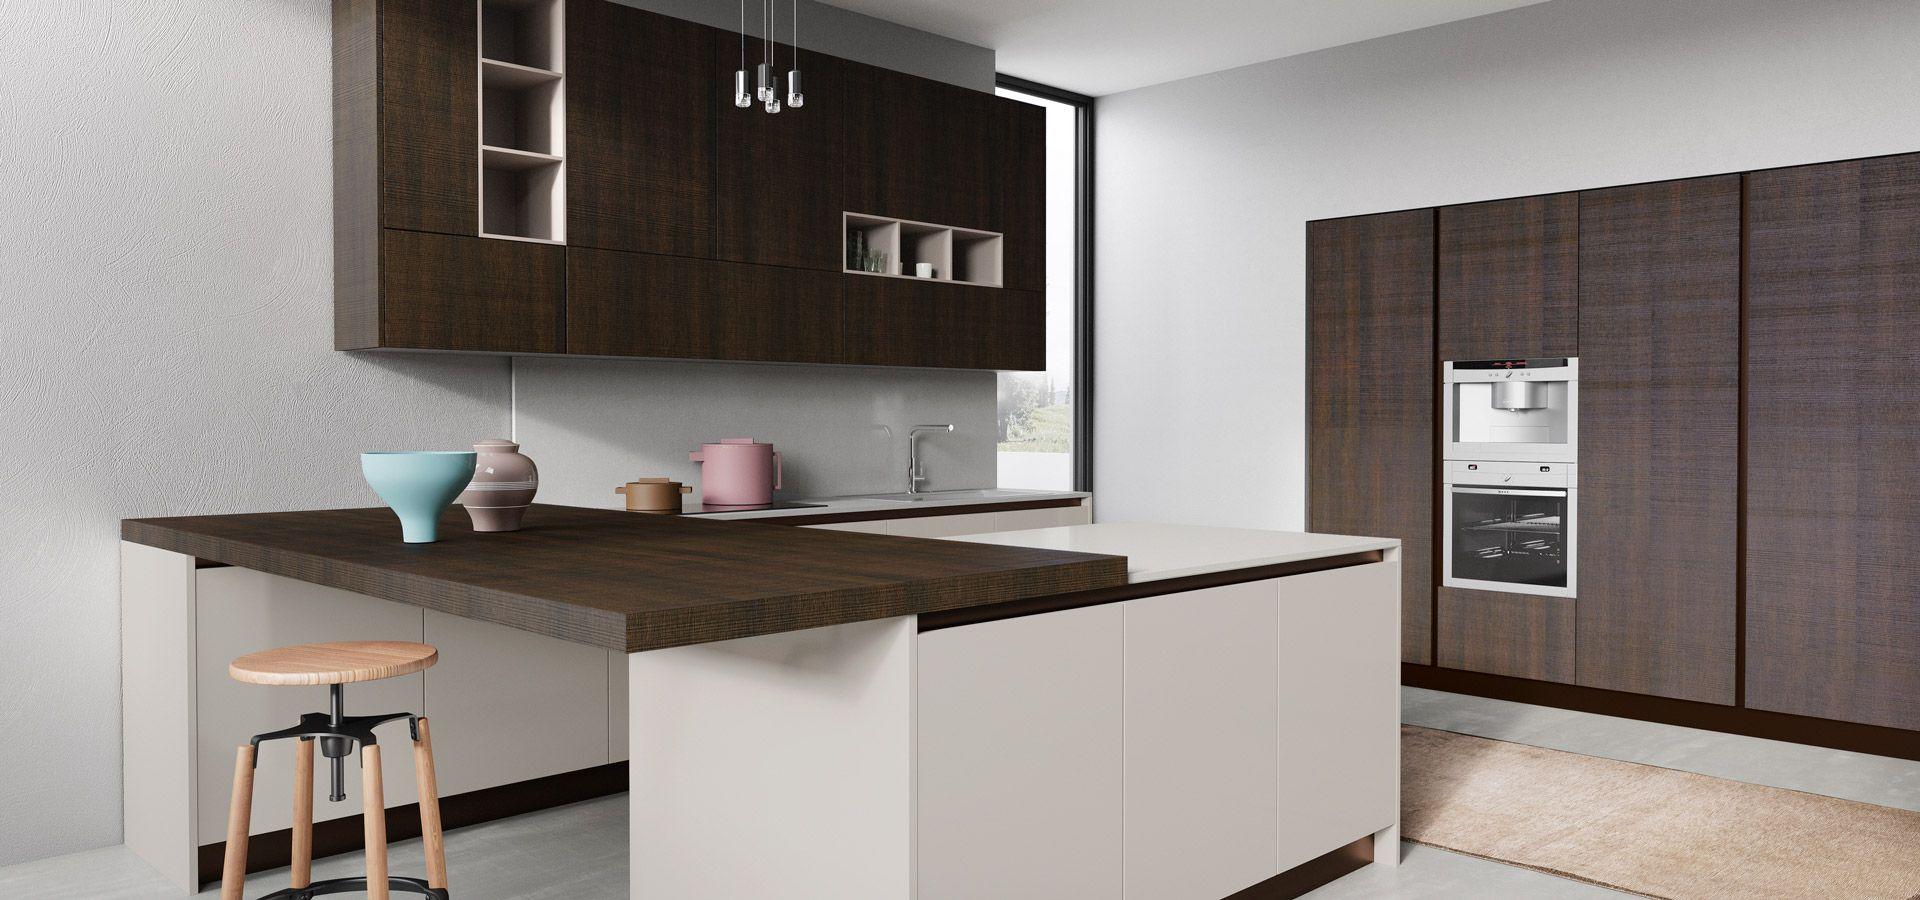 Zoccolo cucina affordable zoccolo in metallo per la cucina per il con cuscinetti in silicone di - Zoccolo cucina ikea ...